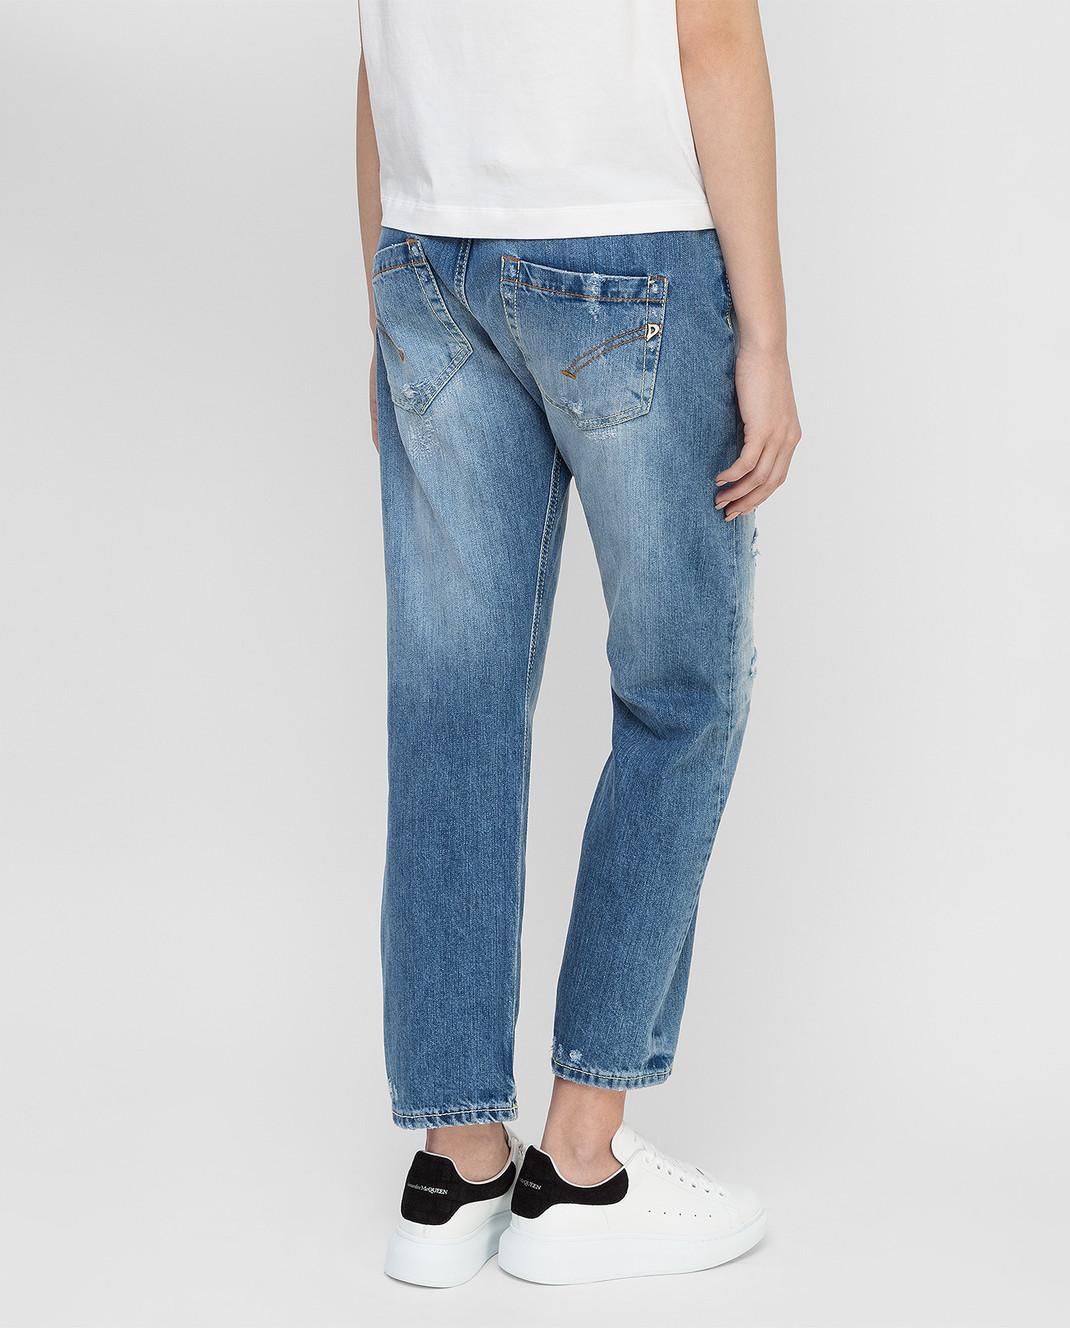 Dondup Голубые джинсы P611 изображение 4